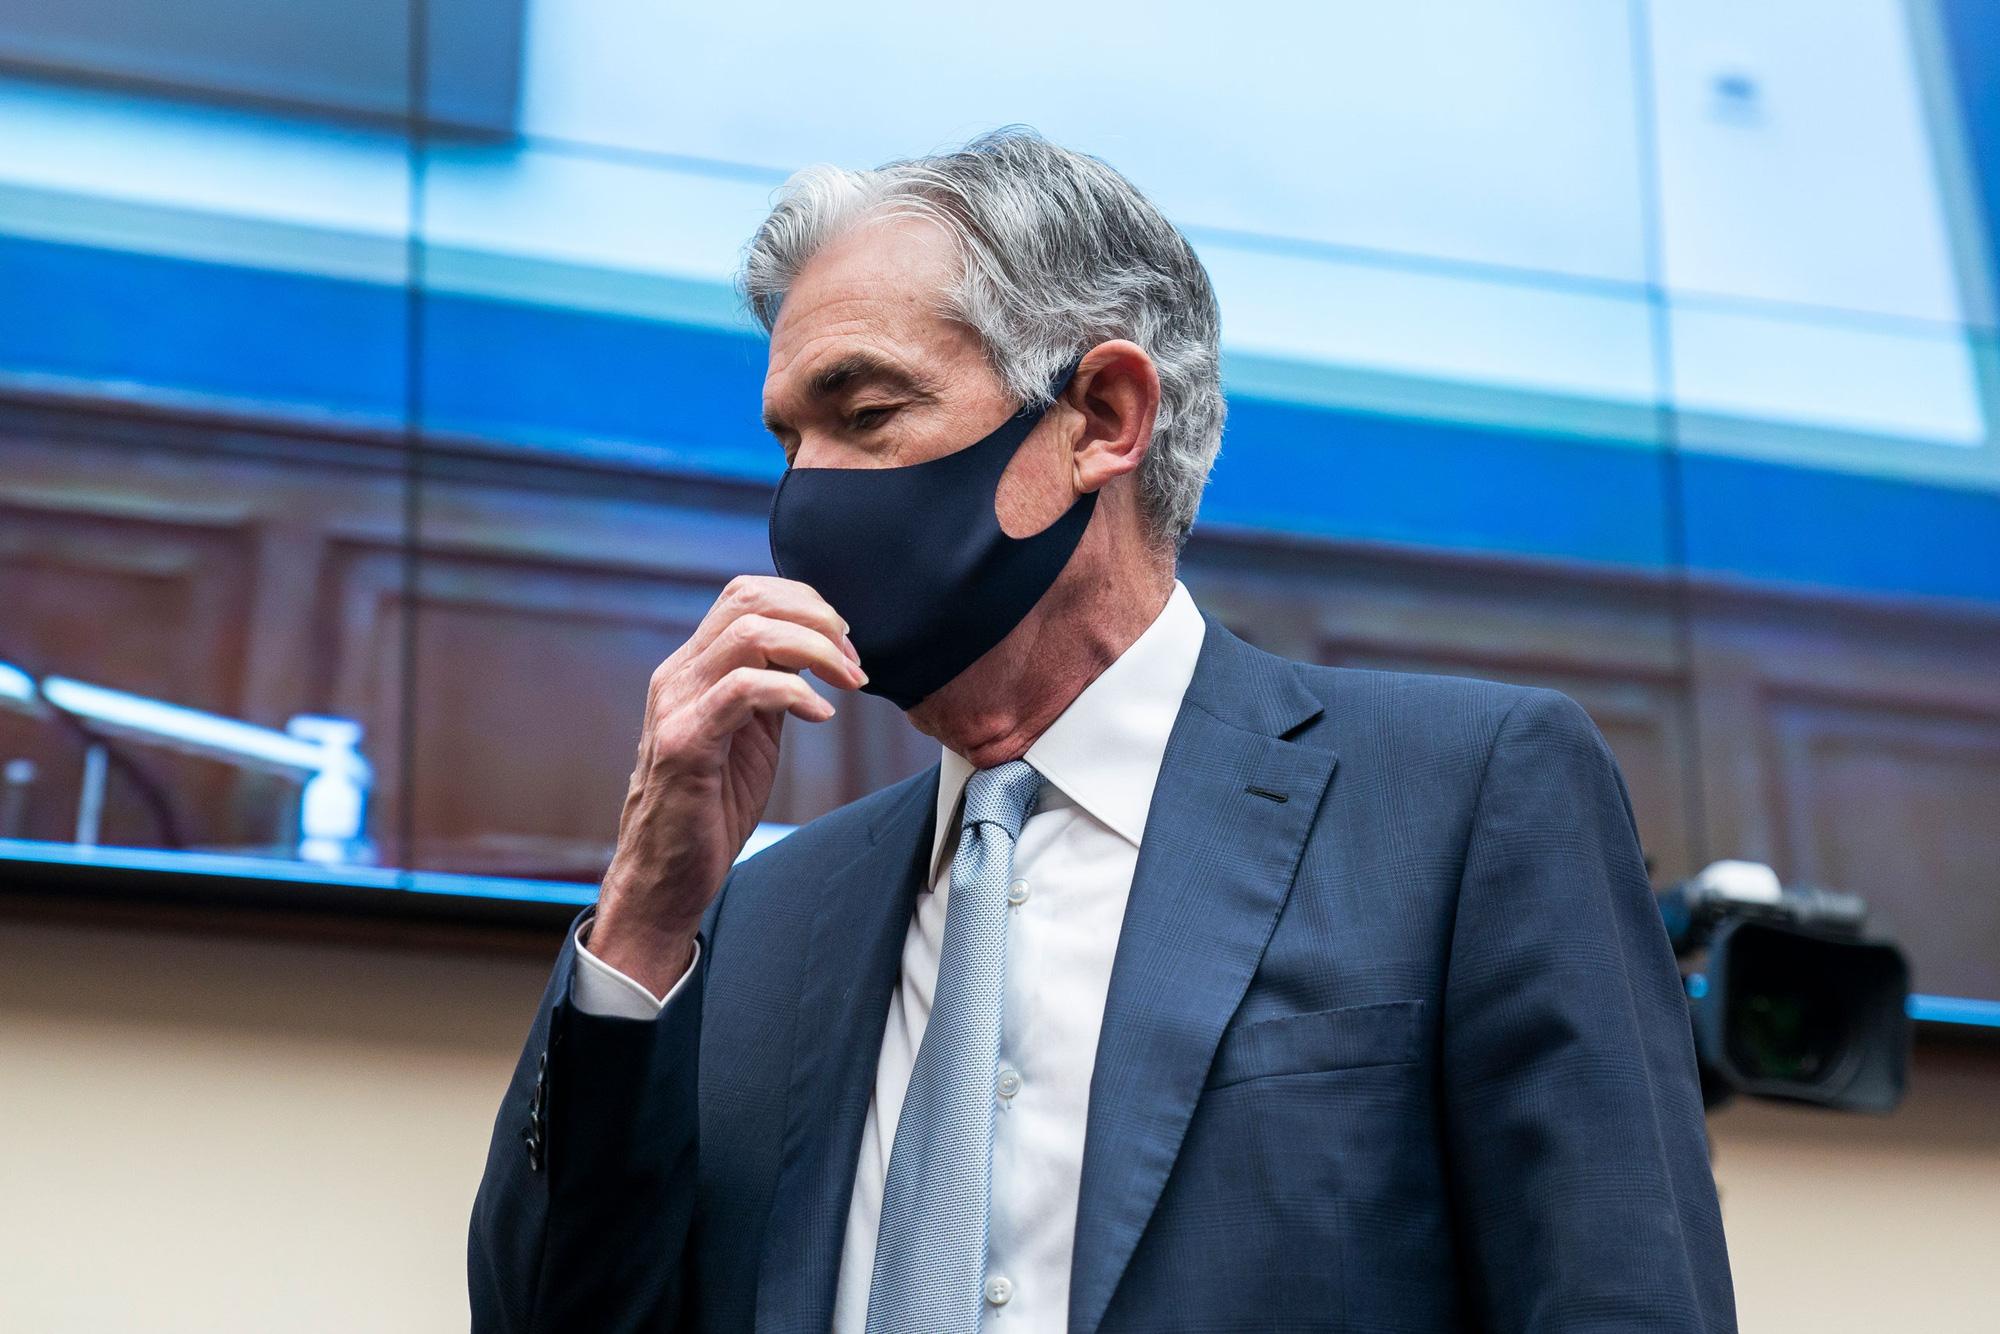 Chủ tịch Fed tin tưởng lạm phát sẽ lùi dần về ngưỡng mục tiêu - Ảnh 1.